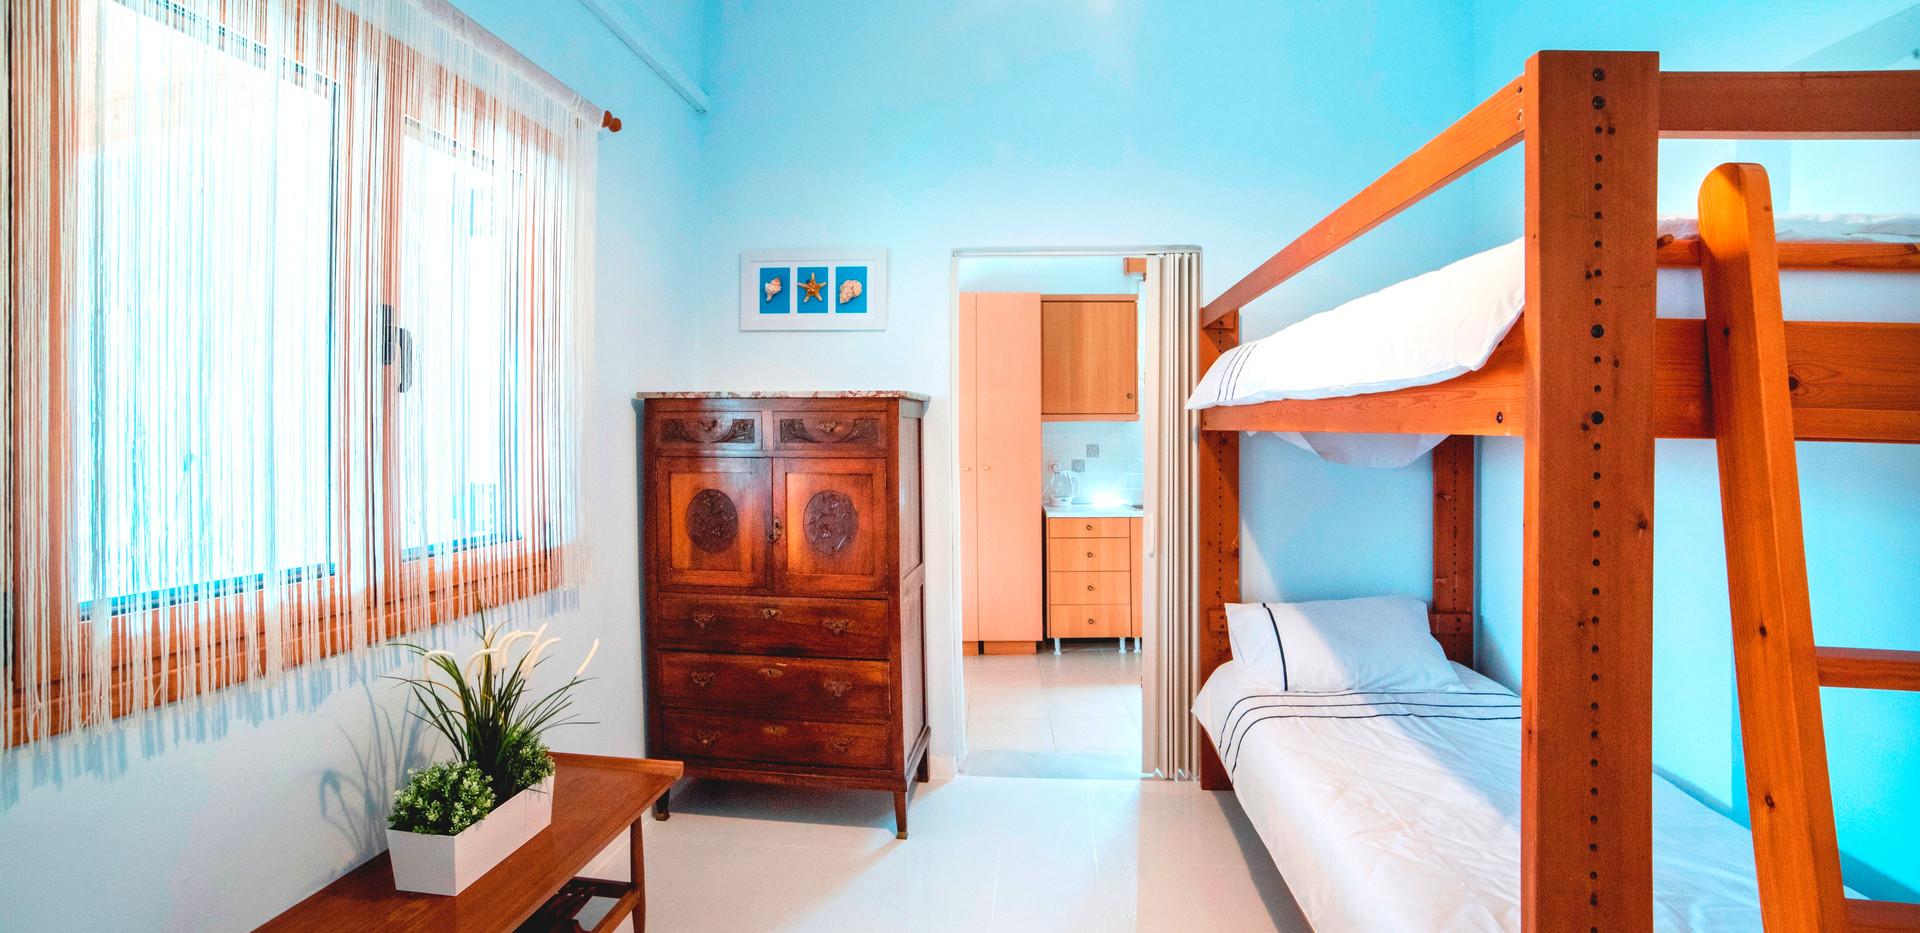 Bedroom - Single beds